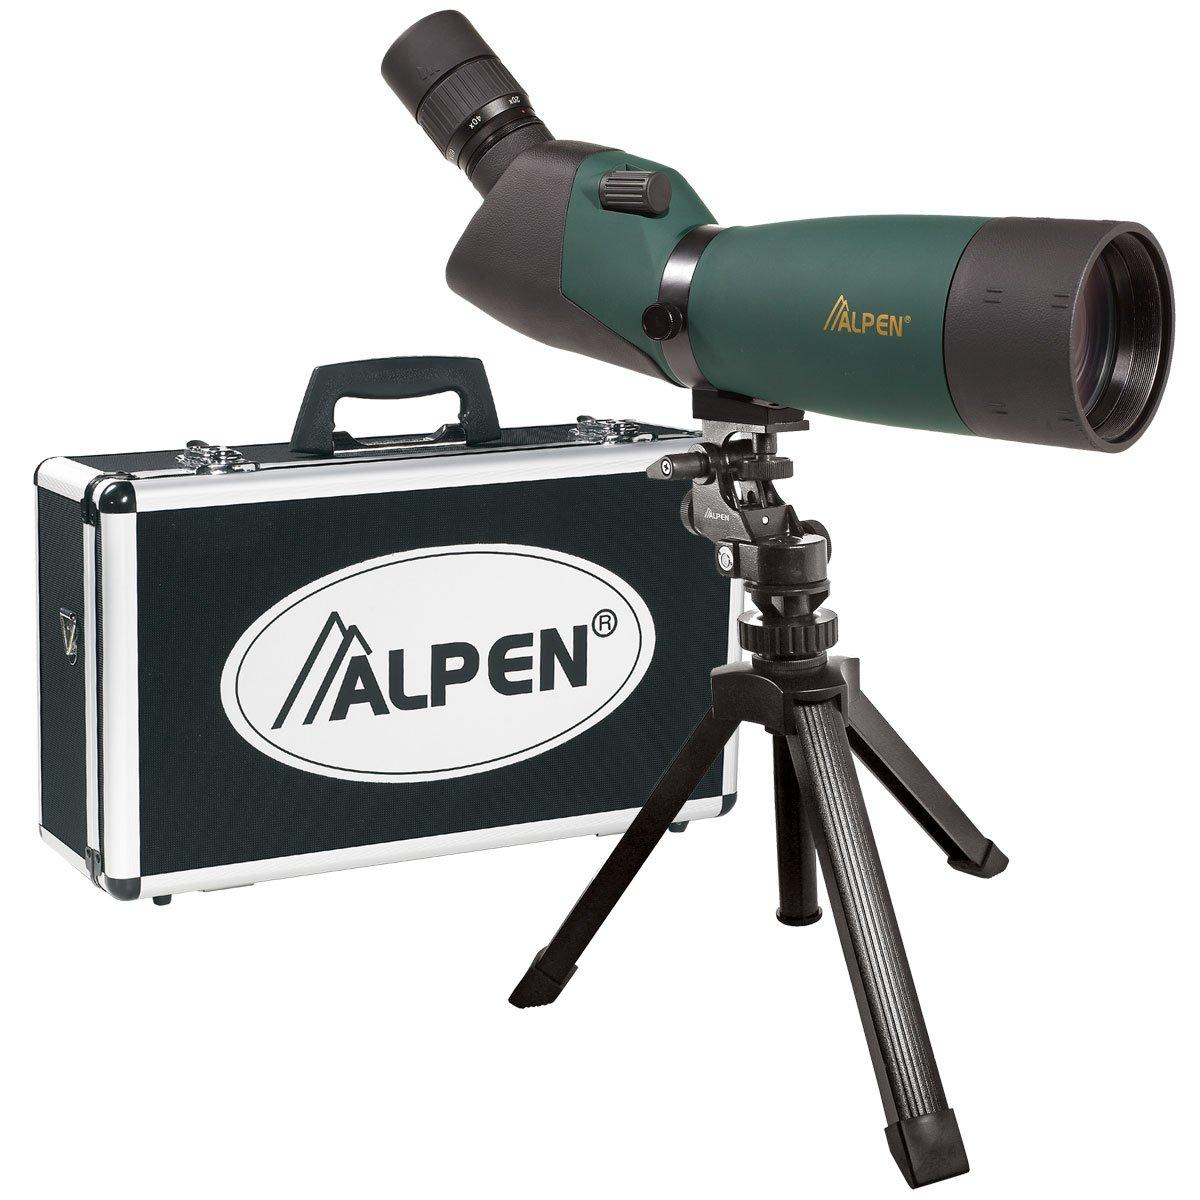 ALPEN 20-60x80 w/45 deg eyepiece Waterproof Fogproof Spotting Scope Kit